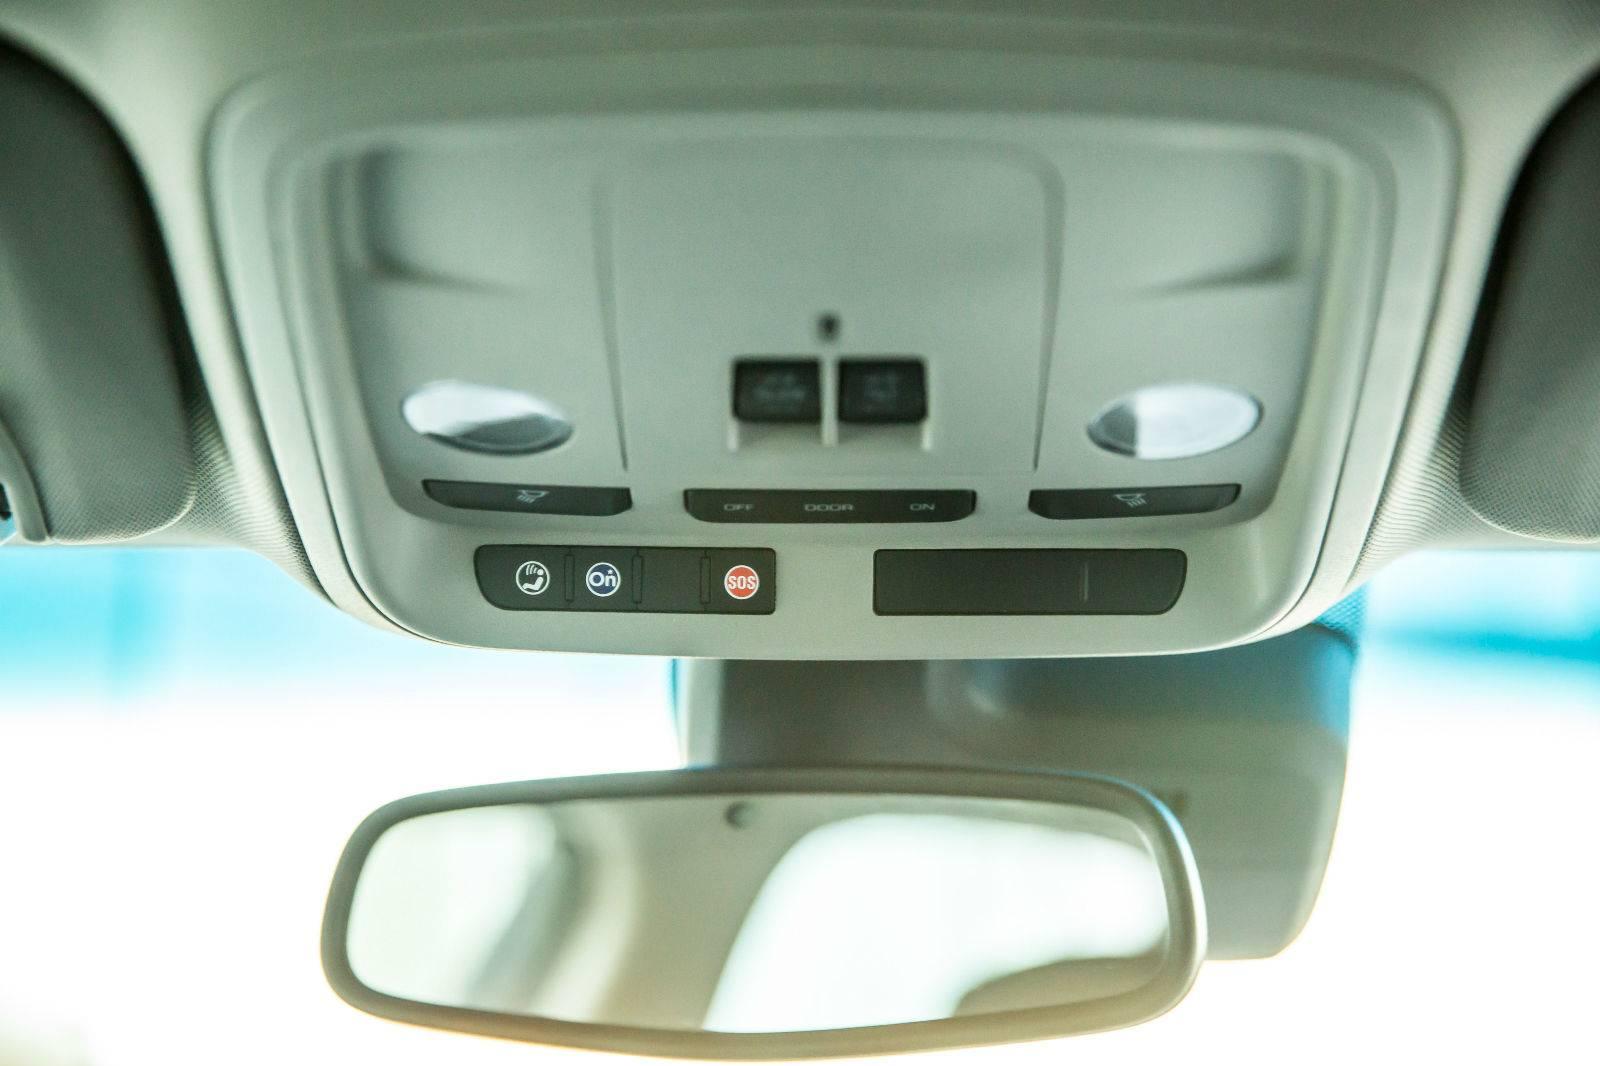 新款凯迪拉克ATS-L国内率先搭载安吉星4G LTE 并提供原装集成车载Wi-Fi_meitu_3.jpg